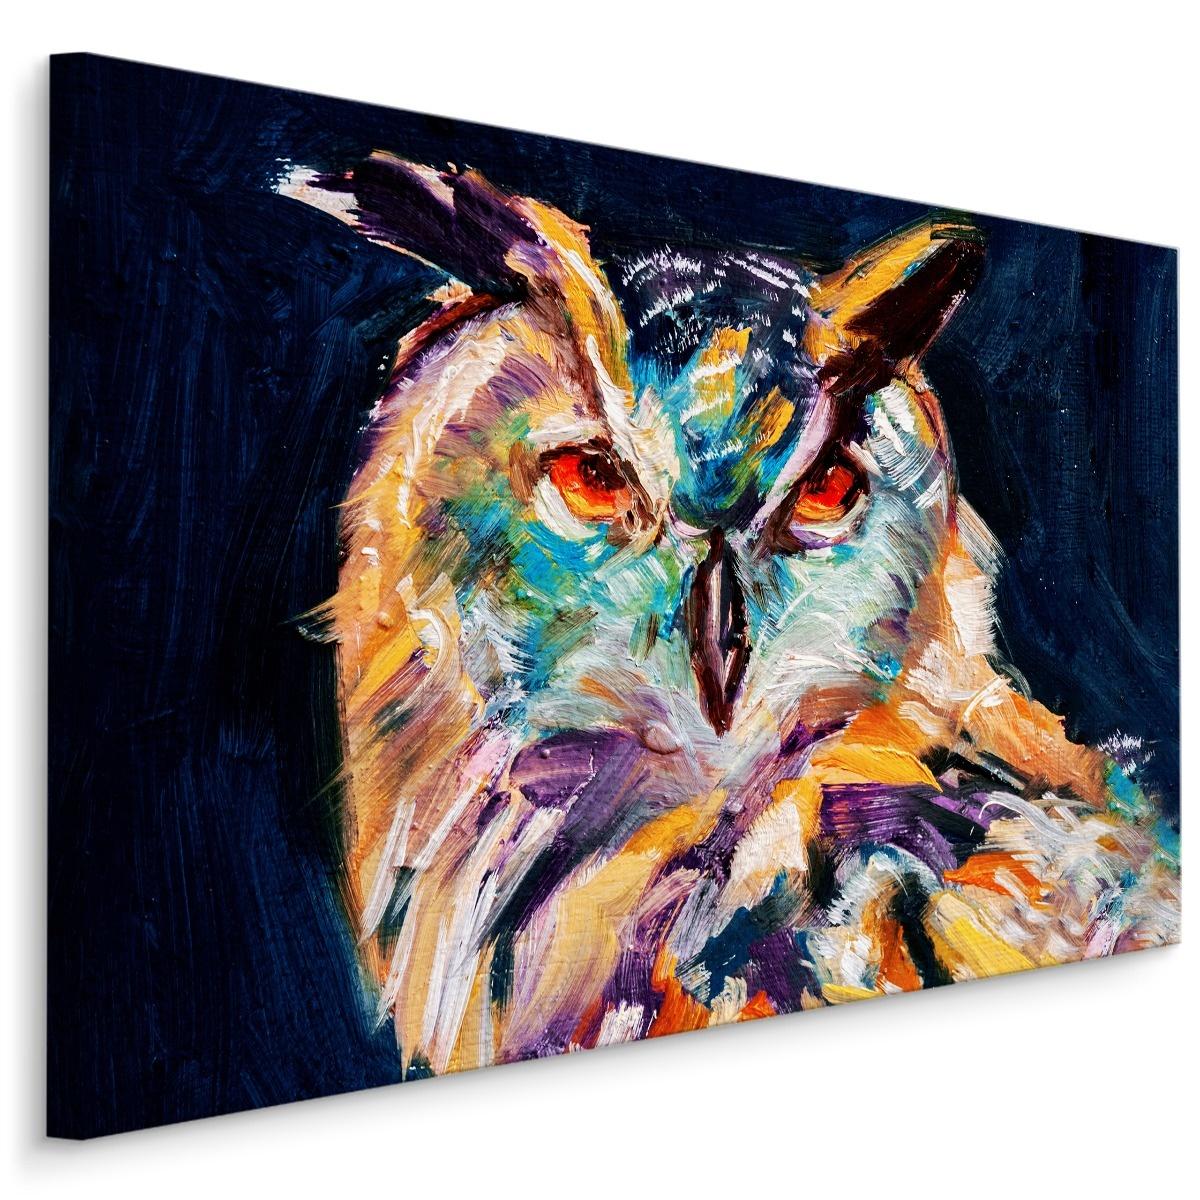 Schilderij - Geschilderde uil, print op canvas, 4 maten, scherp geprijsd, wanddecoratie -  1 luik - 90x60 cm